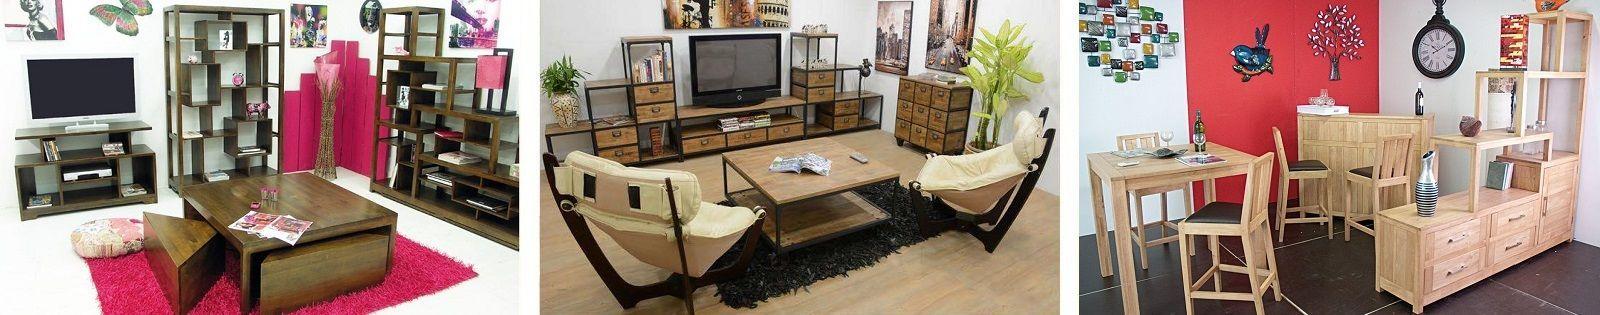 Meuble escalier en bois massif : hévéa. Meuble pour le salon. Lotuséa